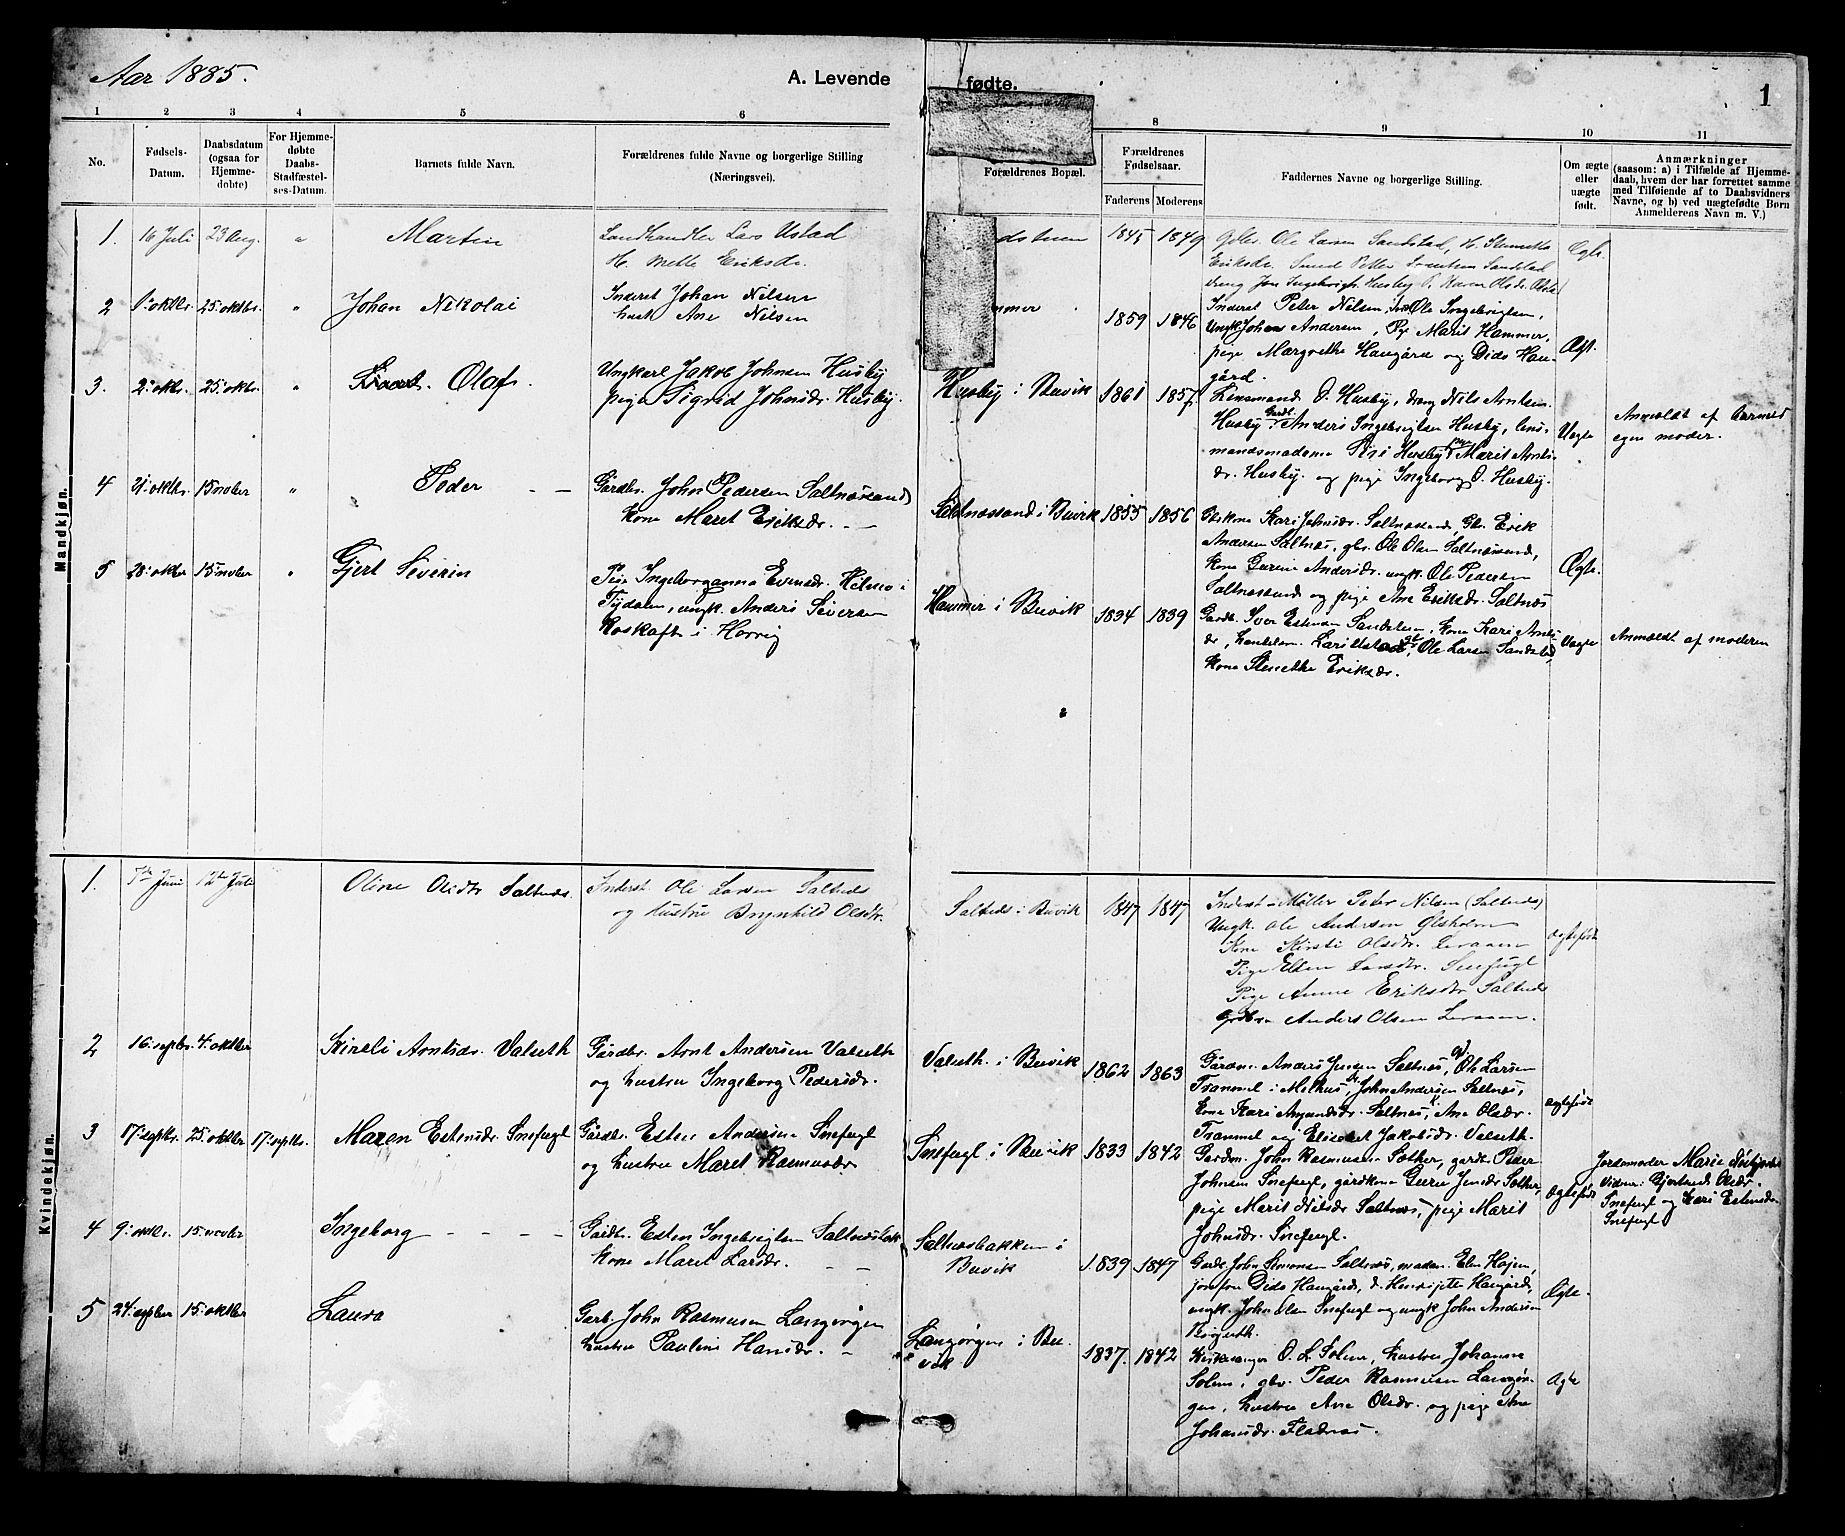 SAT, Ministerialprotokoller, klokkerbøker og fødselsregistre - Sør-Trøndelag, 666/L0790: Klokkerbok nr. 666C03, 1885-1908, s. 1